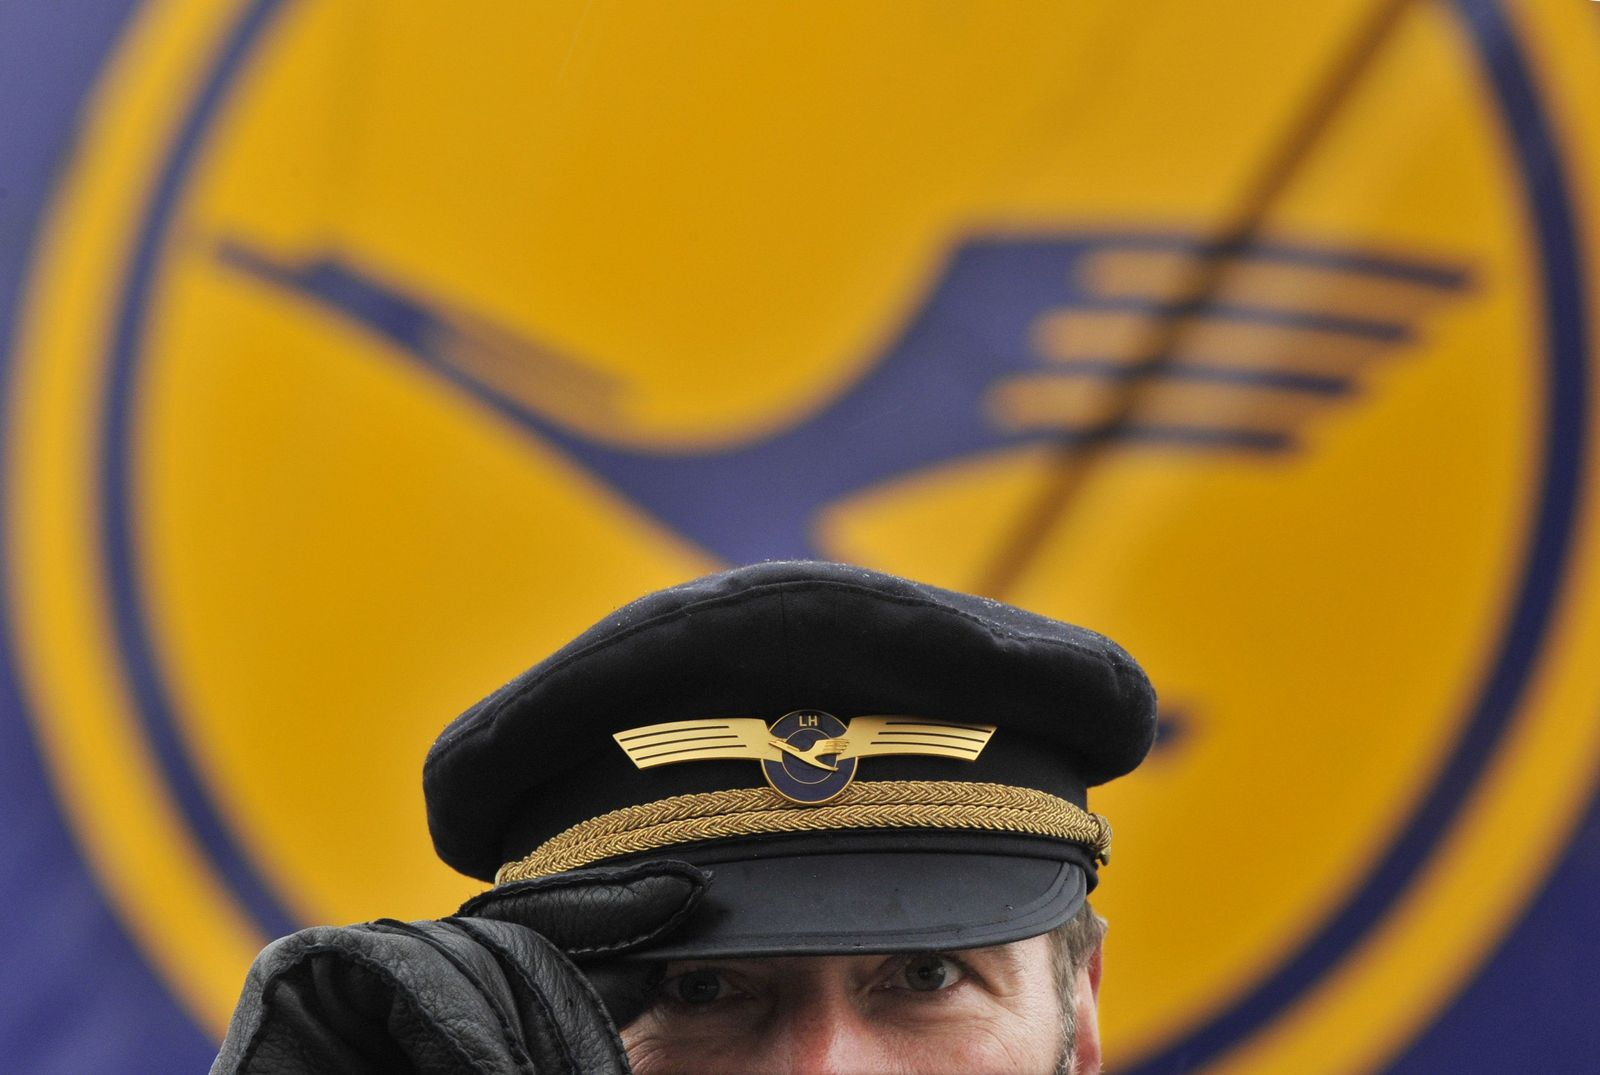 Pilotenmütze Lufthansa Pilot Urteil